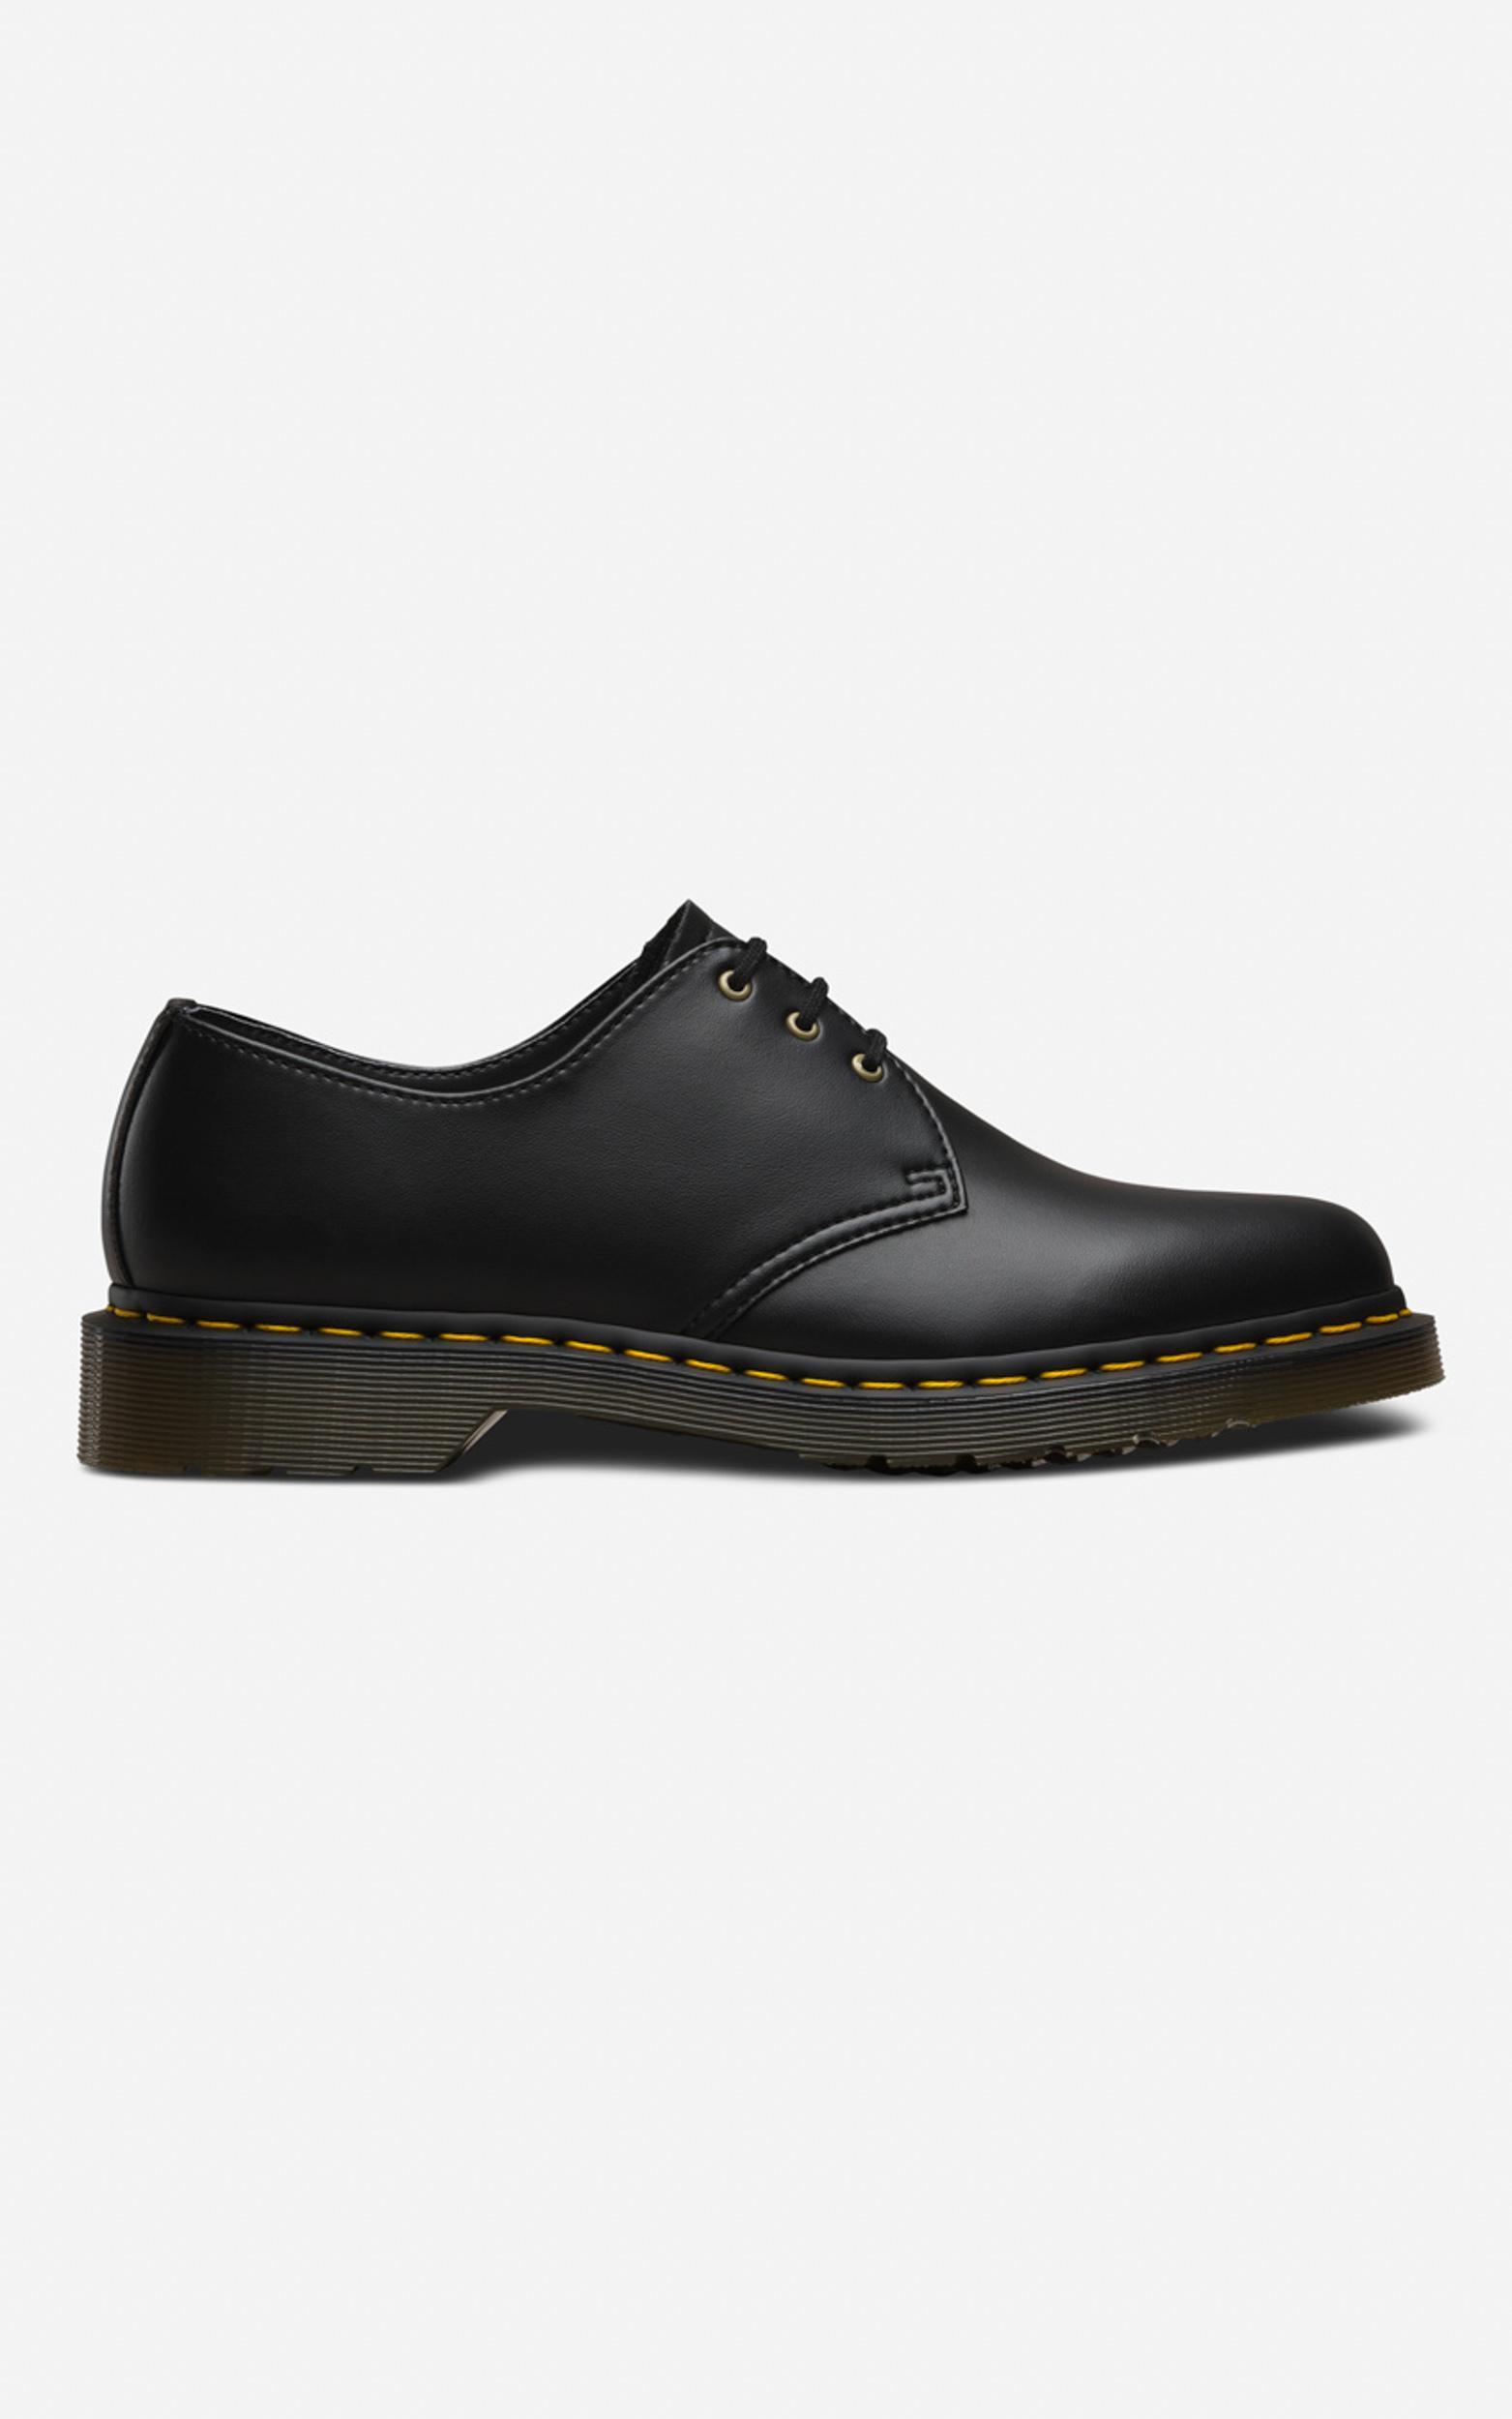 Dr. Martens - 1461 Vegan 3 Eye Shoe in Black Felix Rub Off - 10, Black, hi-res image number null